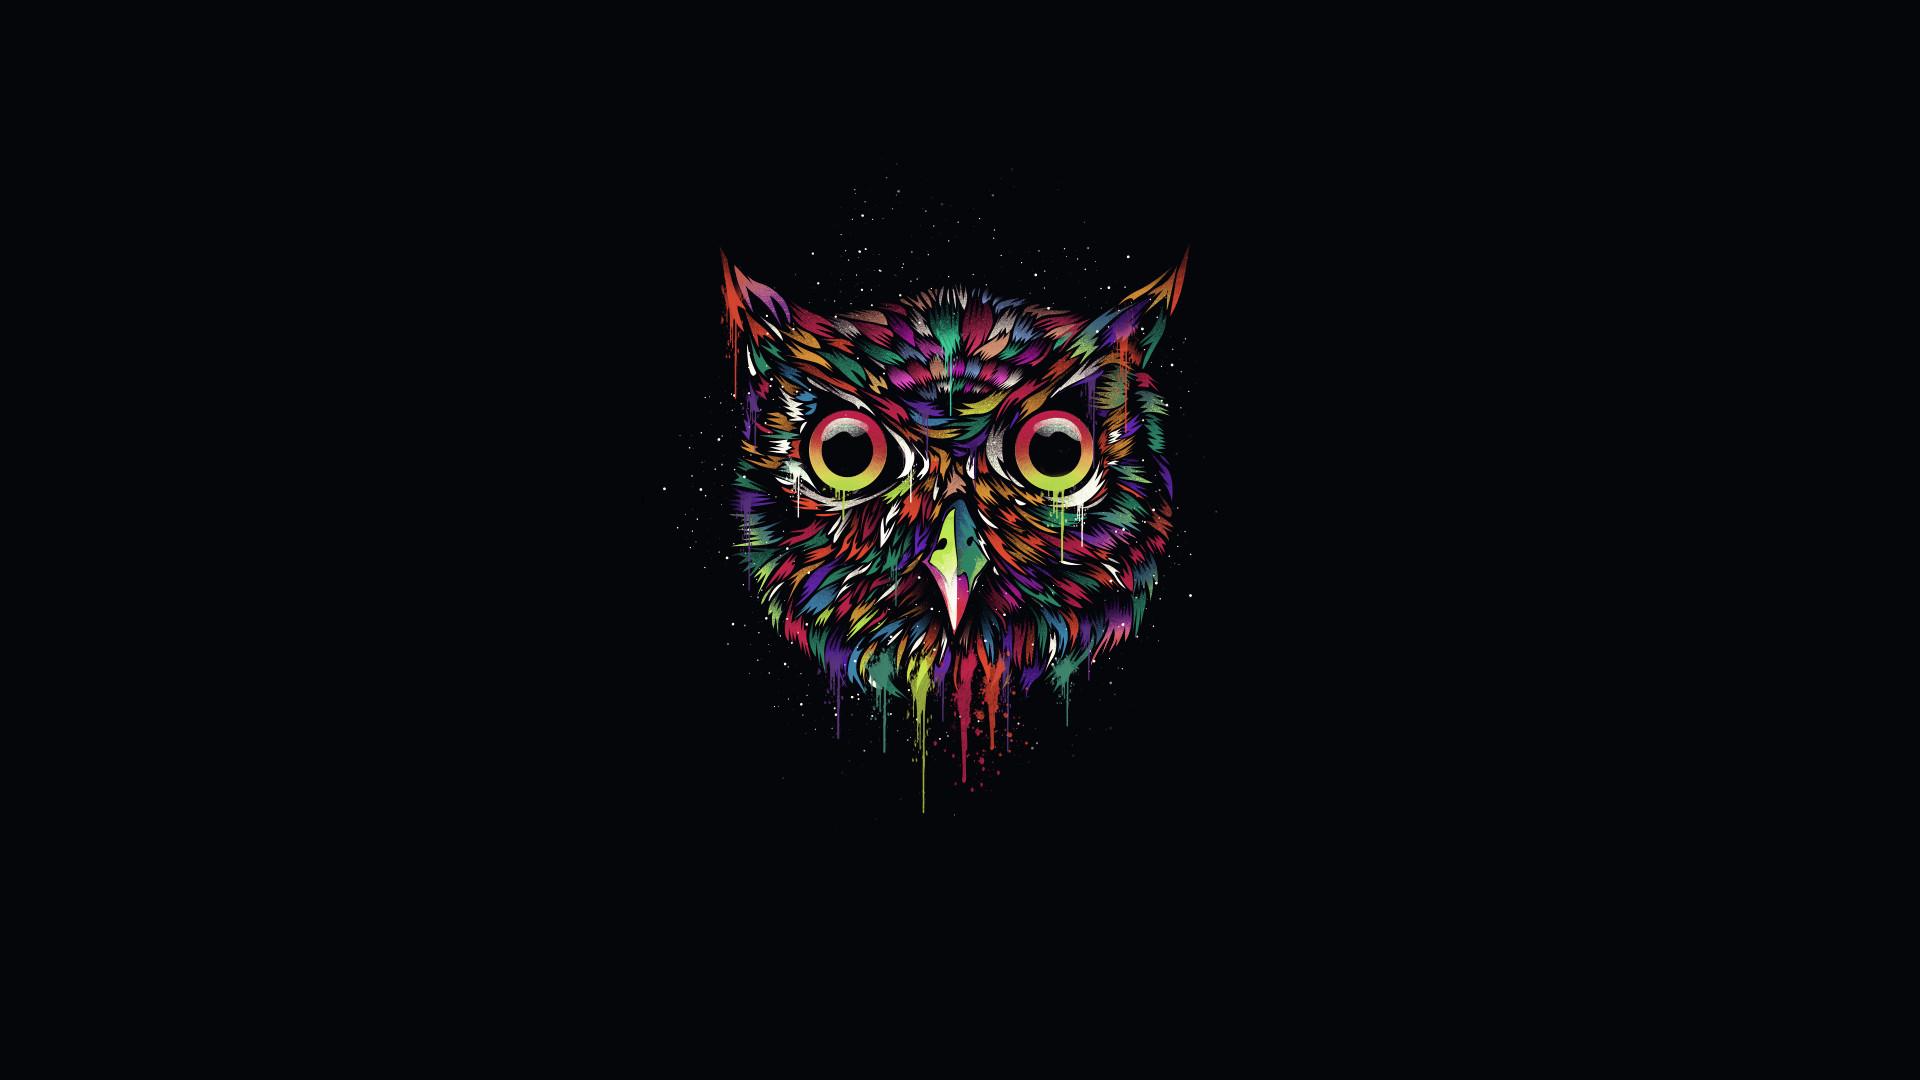 Fonte: Dark-Owl-Wallpapers | Corujas 3D / Fractal | Pinterest .